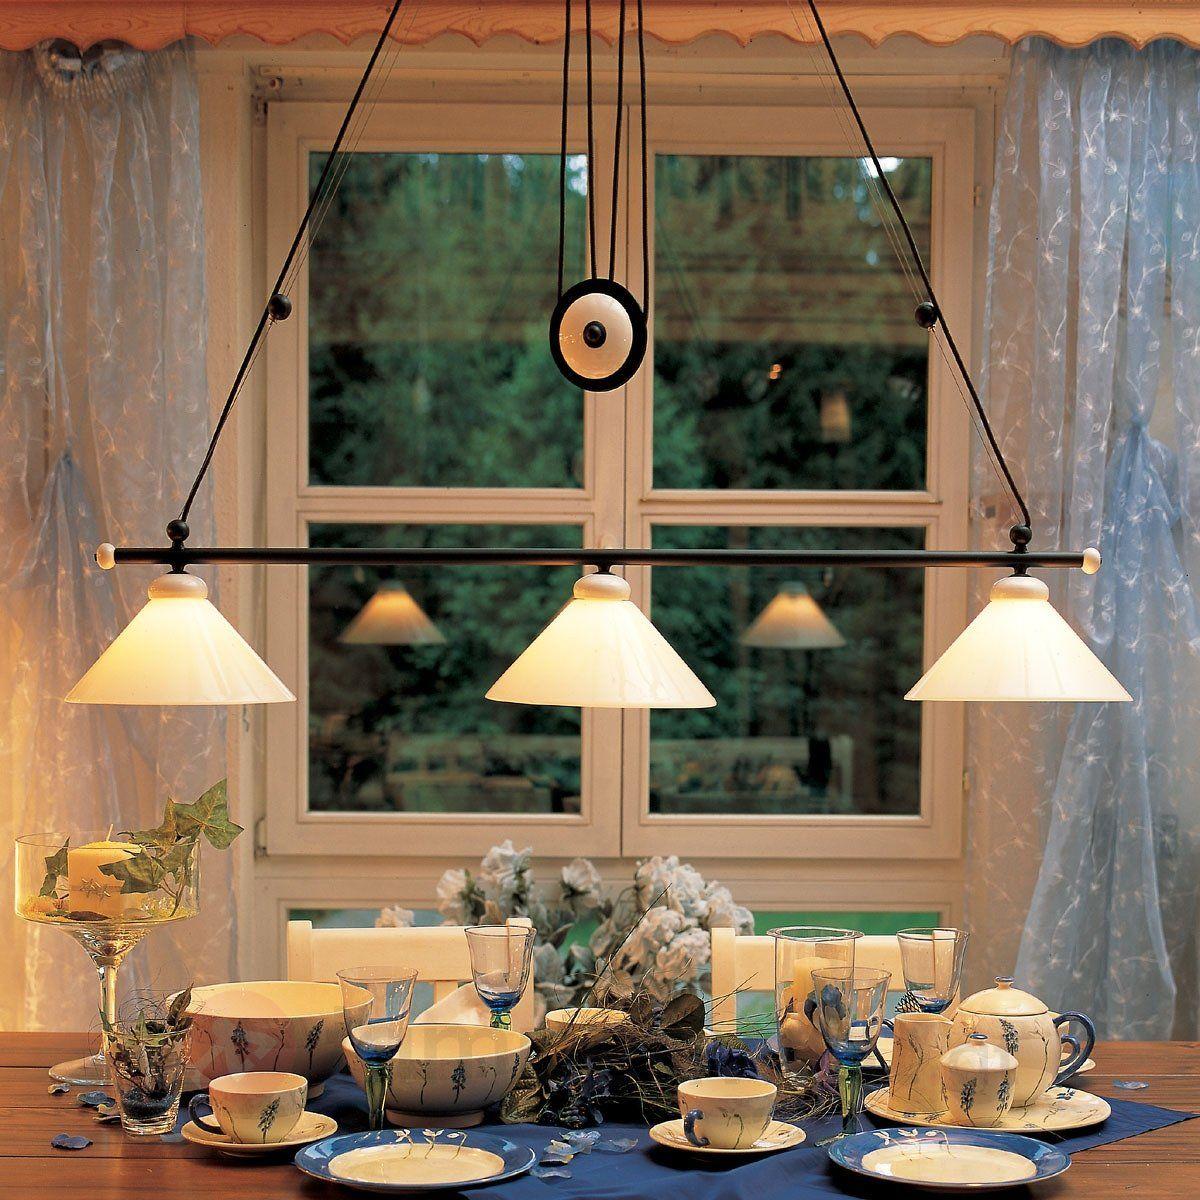 Full Size of Landhausstil Besonders Authentisch Qualittsleuchte Von Menzel Landhaus Sofa Betten Bad Lampen Led Wohnzimmer Regal Weiß Bett Küche Deckenlampen Für Wohnzimmer Landhaus Lampen